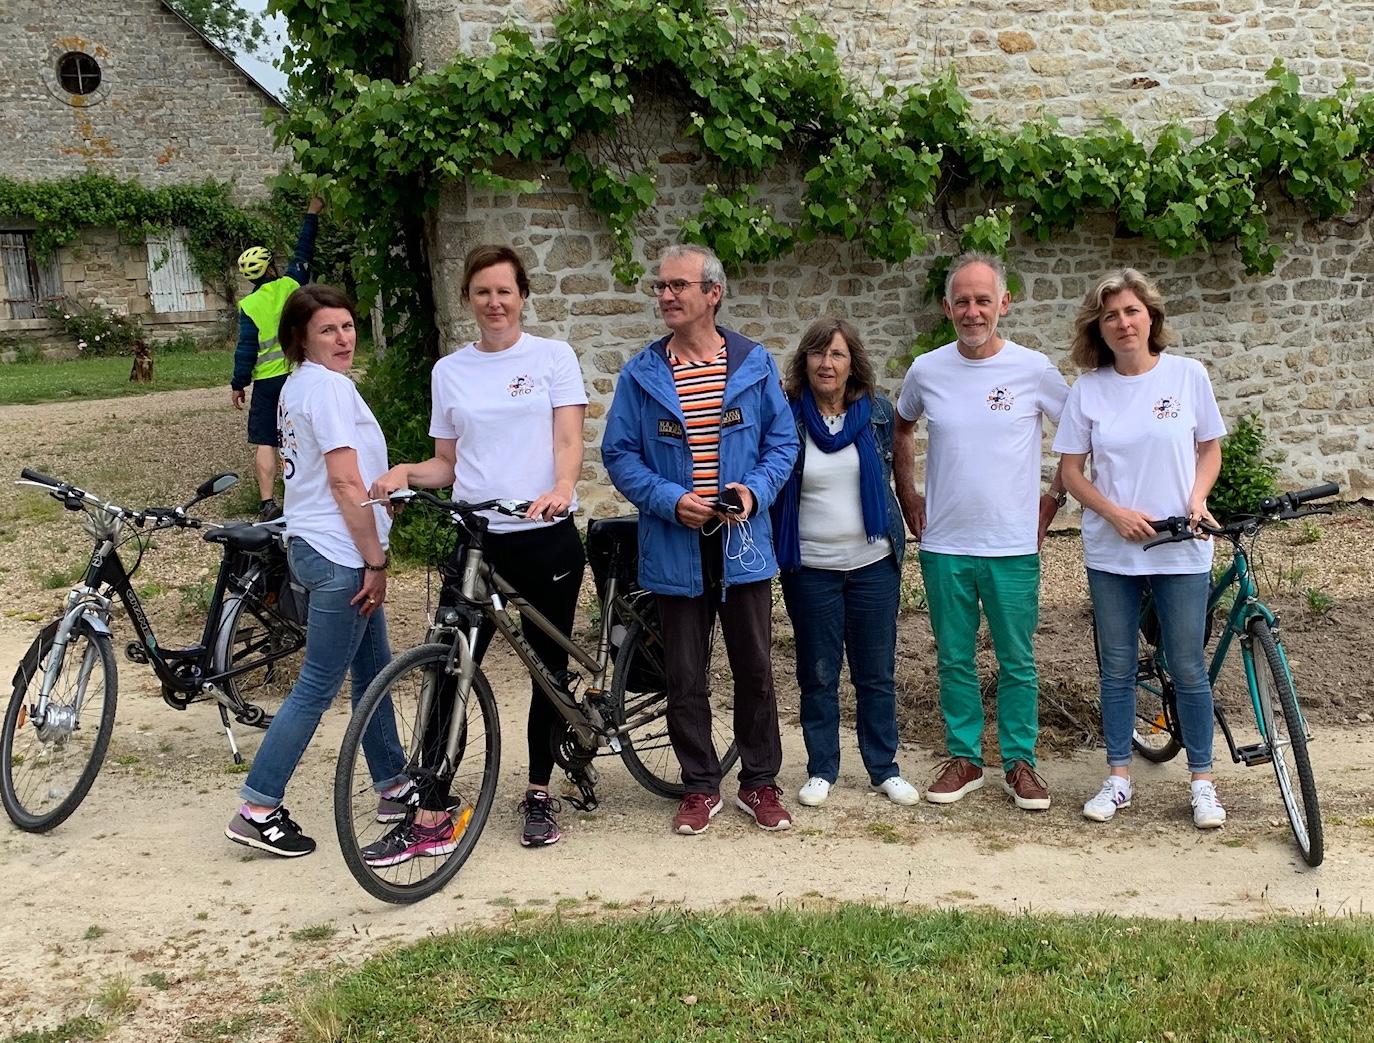 Eric van walleghem – Tout Quimper à Vélo